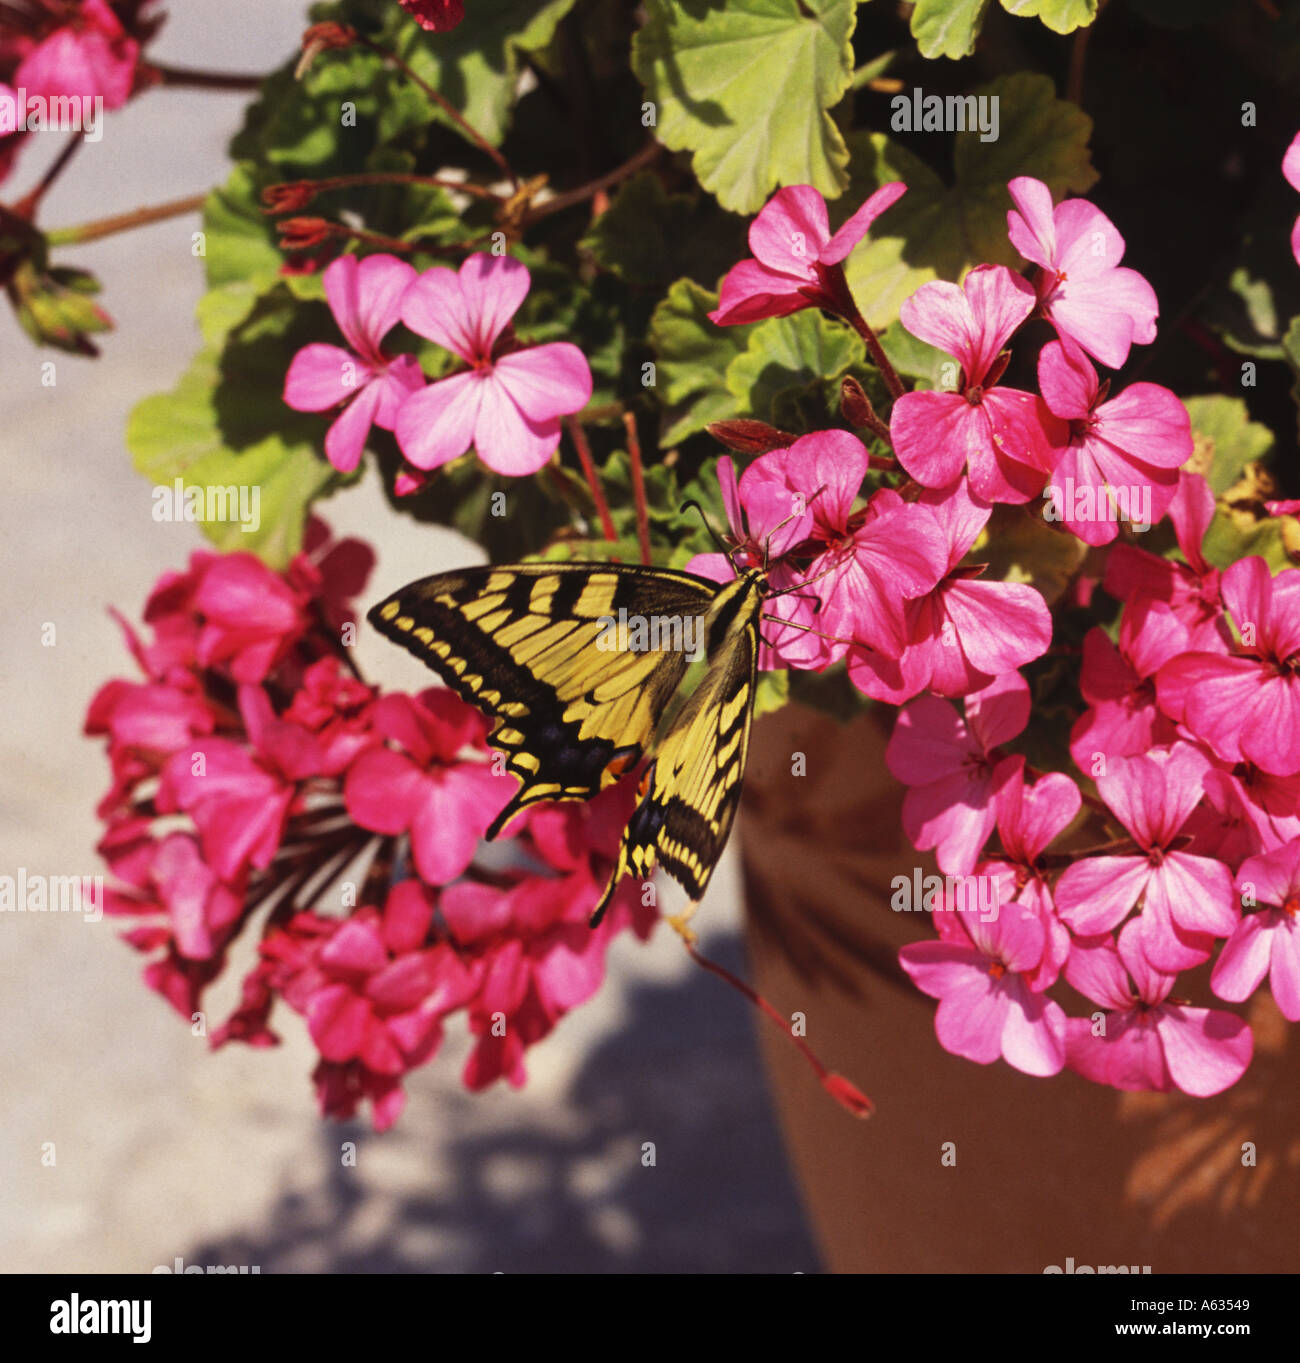 Exotische gelben und schwarzen Schwalbenschwanz Schmetterling Papilio Machaon auf Geranien im Blumentopf Zakynthos Insel der griechischen Inseln Stockfoto